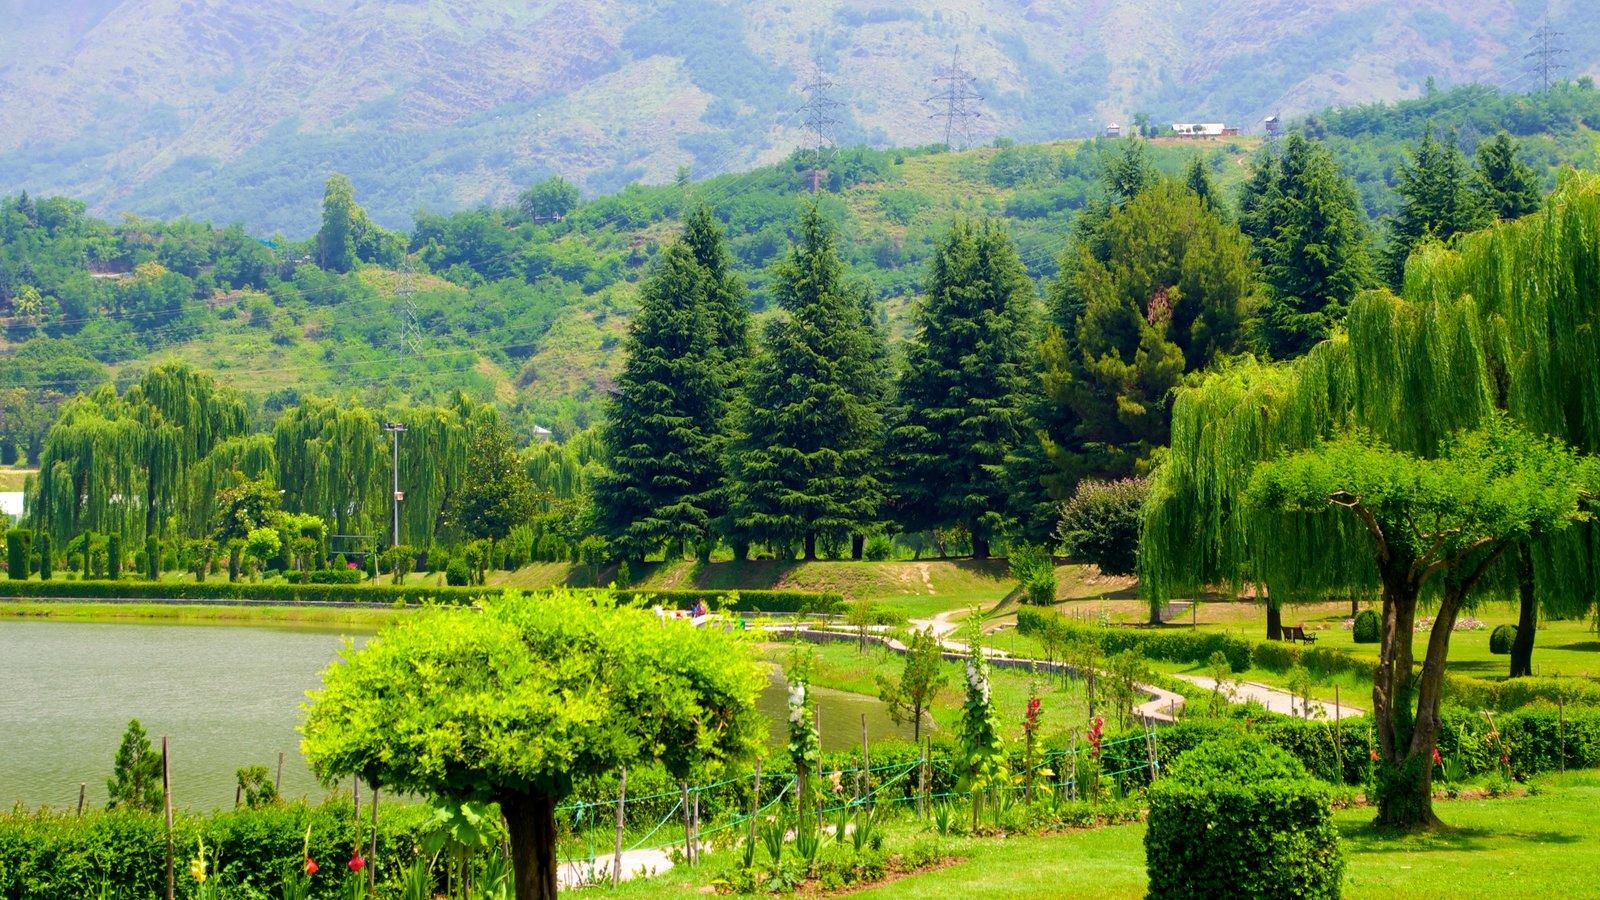 Botanical Garden showing a lake or waterhole and a garden